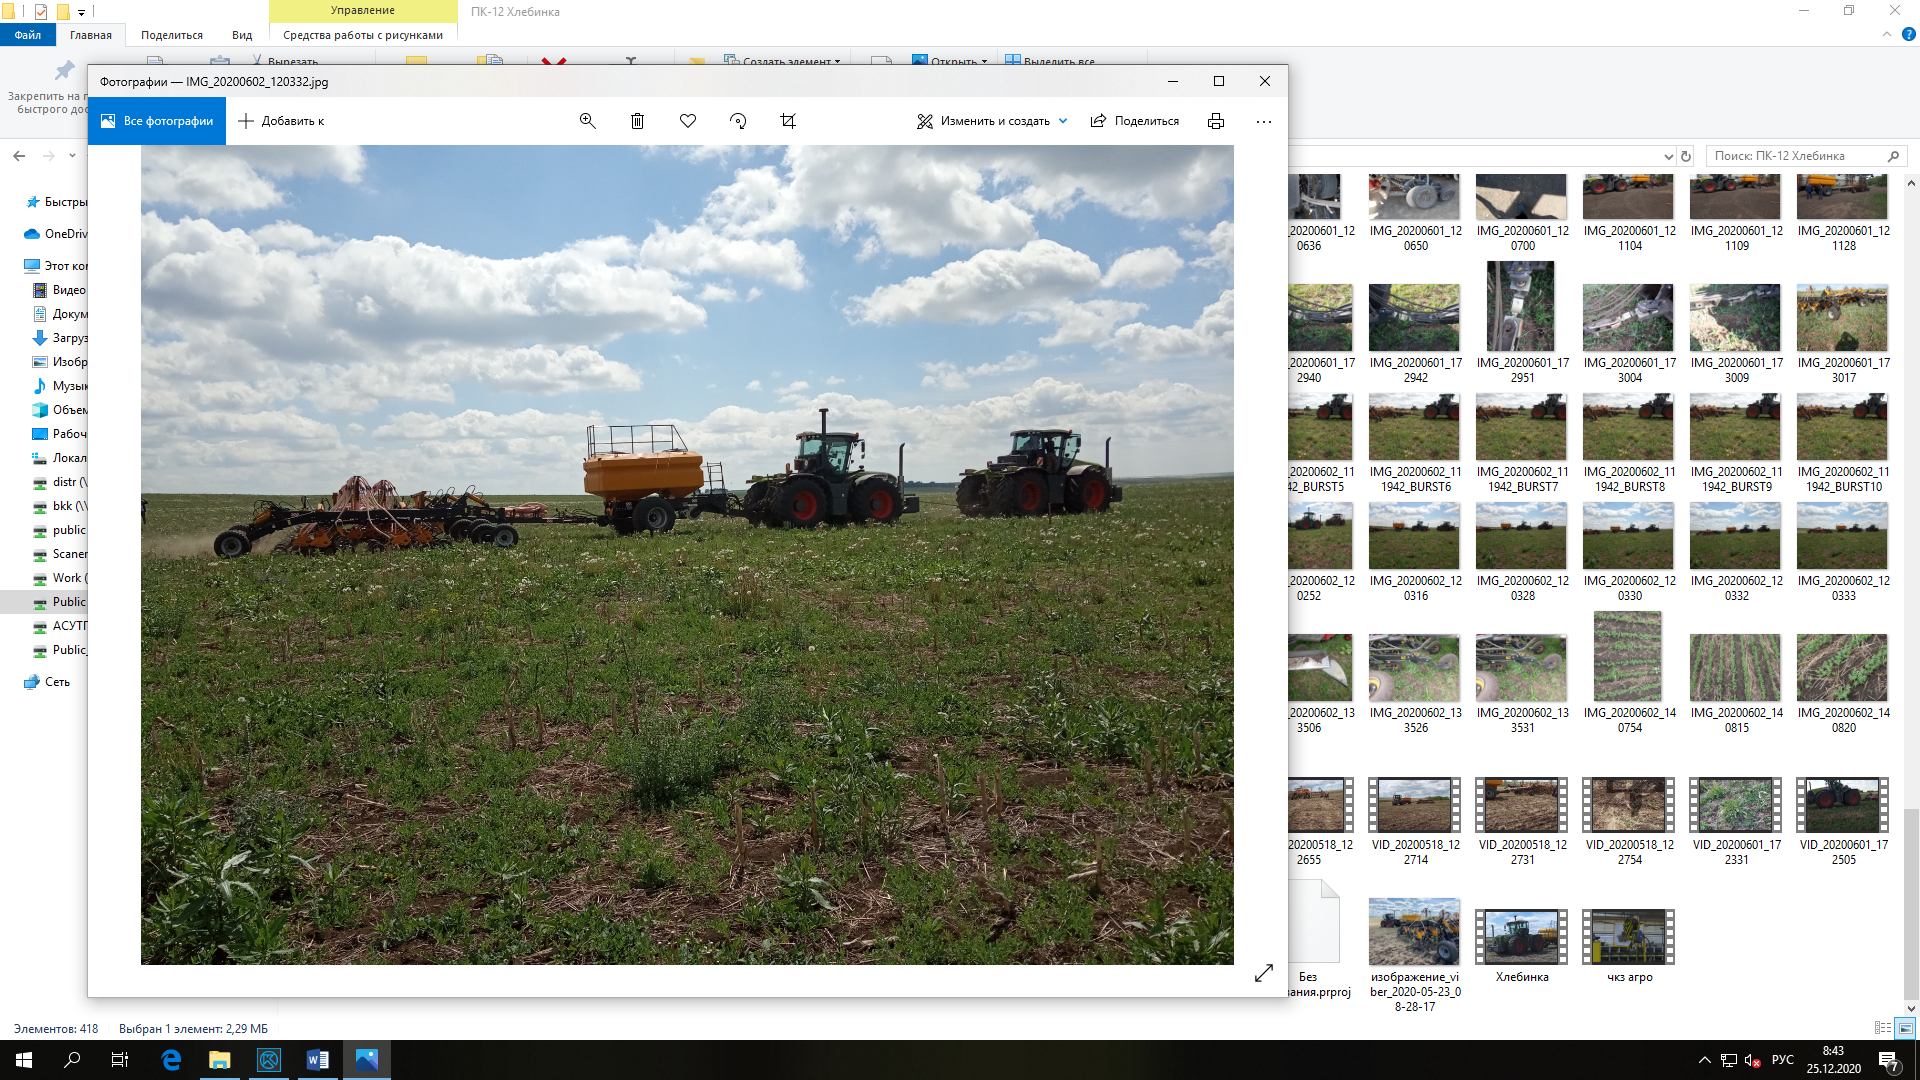 word image 1221 Разработка конструктивной схемы и обоснование параметров почвообрабатывающего посевного агрегата с пневматическим высевом семян для тракторов класса тяги 5